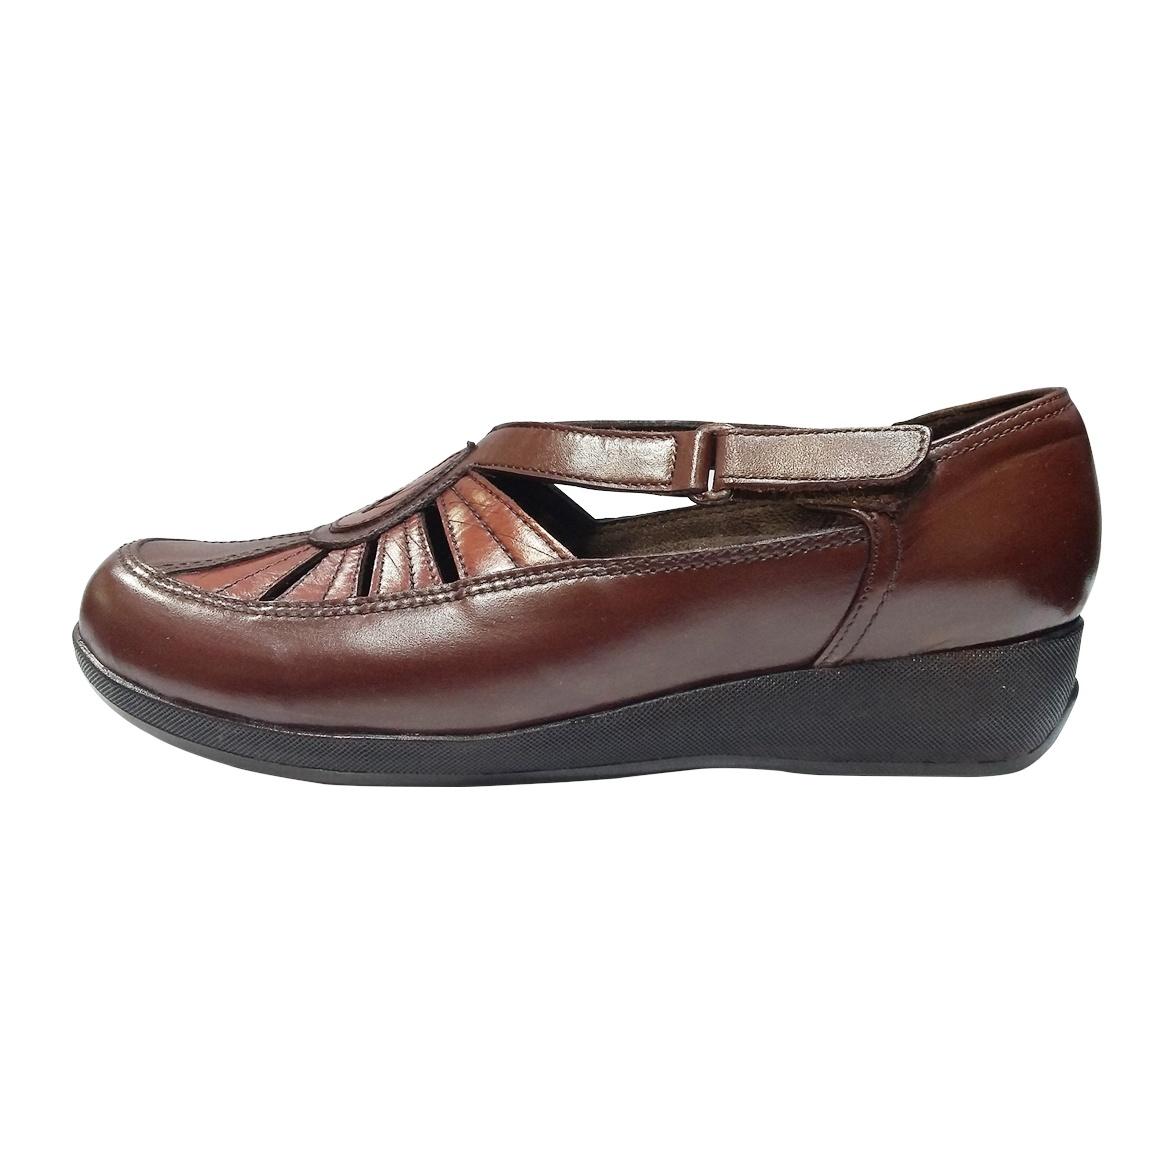 خرید                      کفش زنانه روشن مدل 112 کد 02